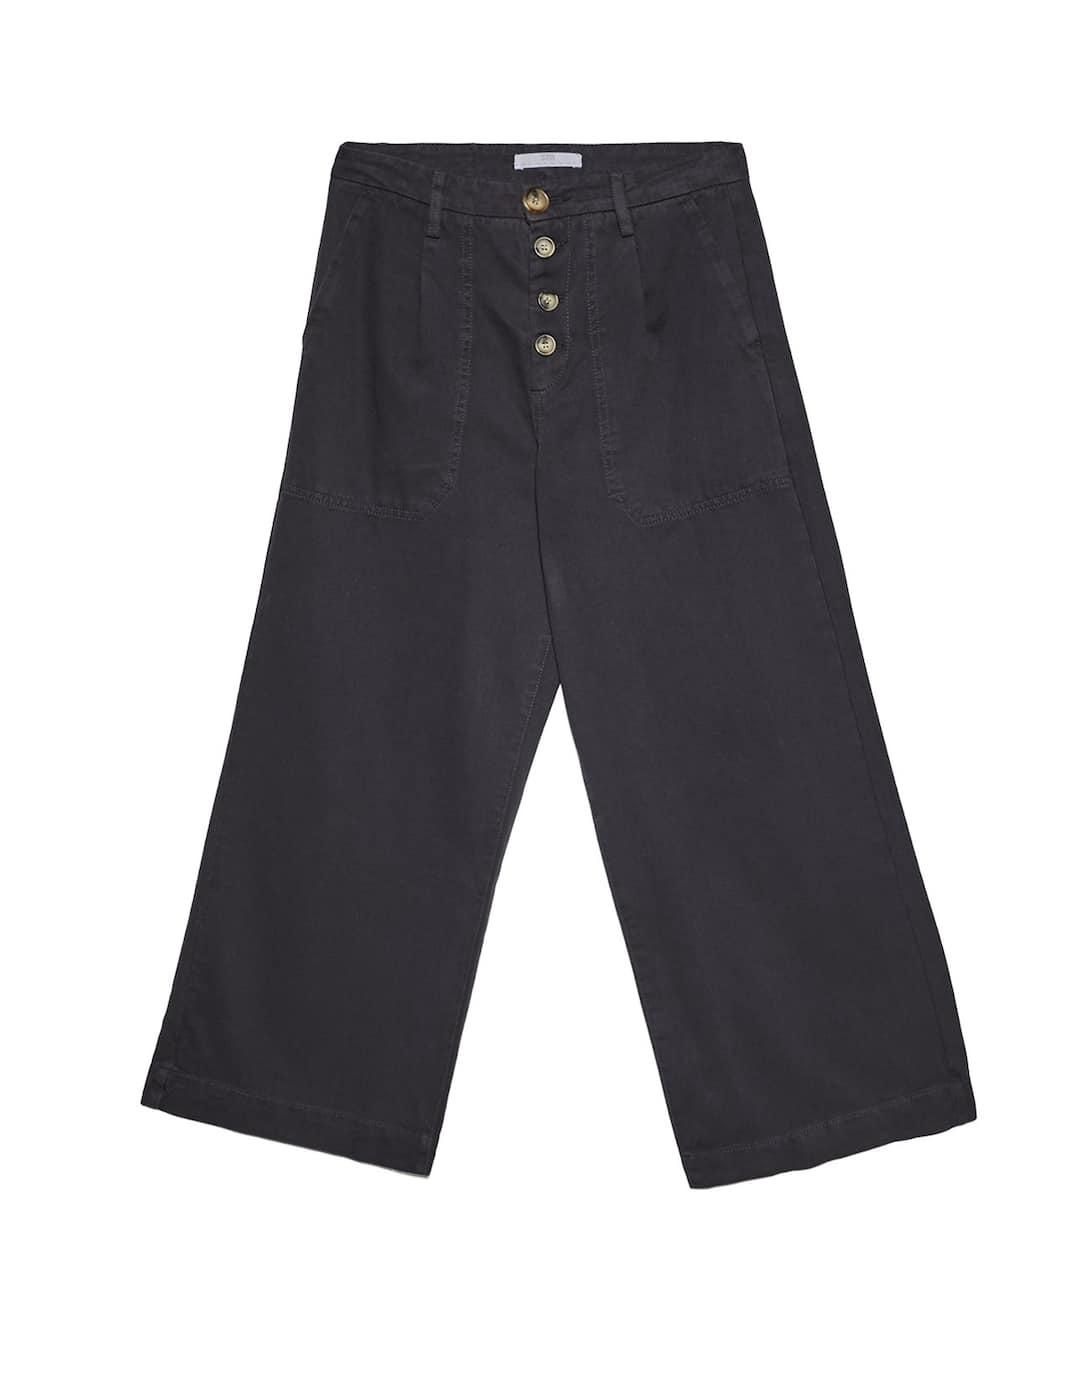 Pantalón de botones, de Stradivaius (25,99 euros).